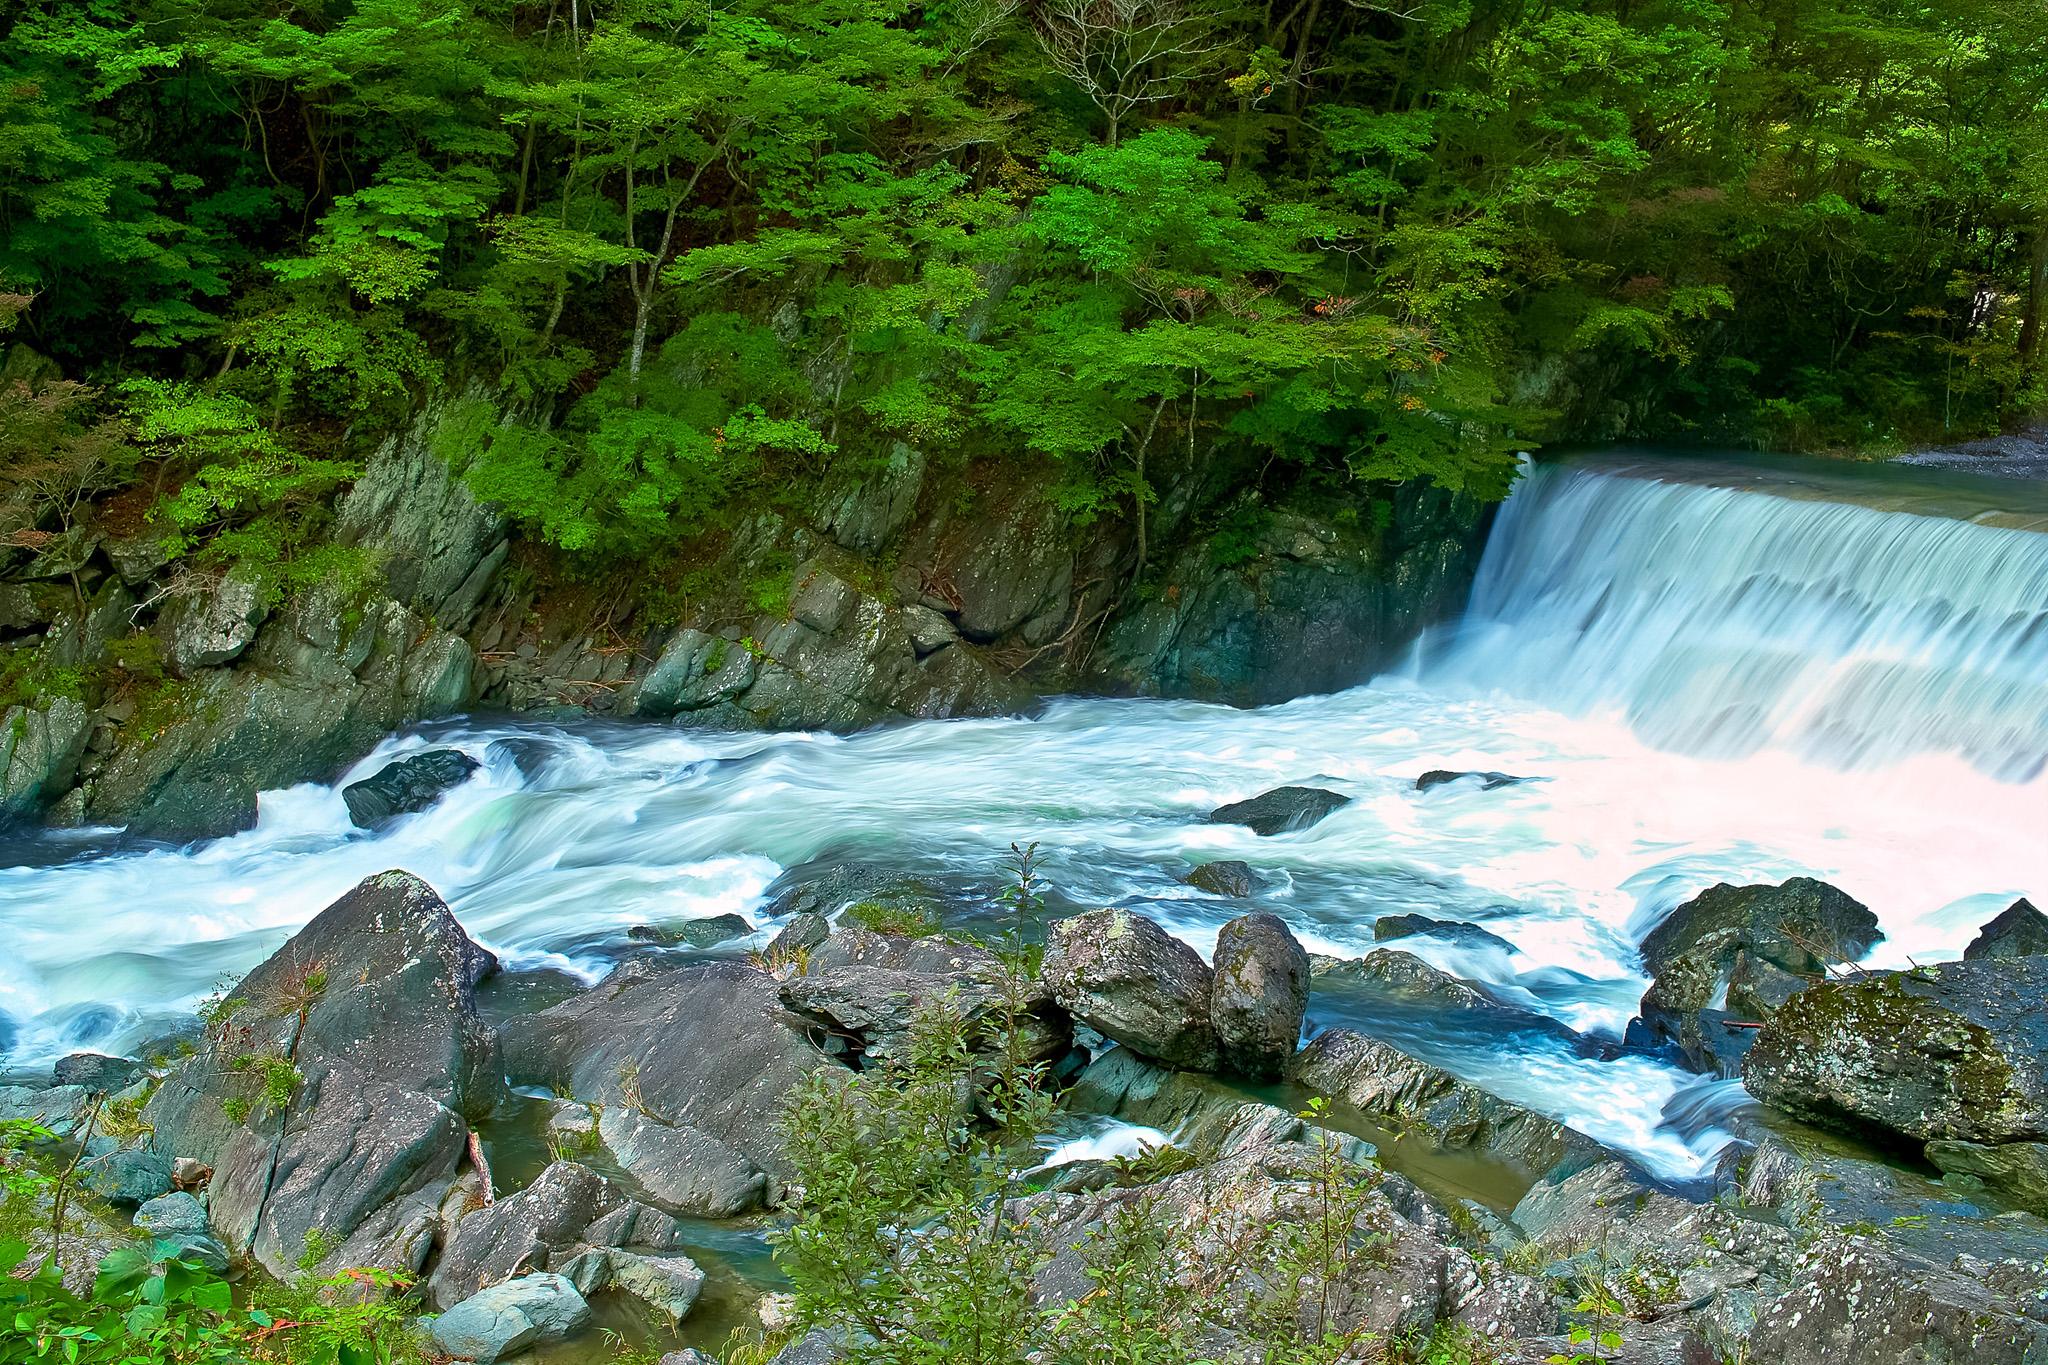 「流れの激しい渓流にある堰堤」